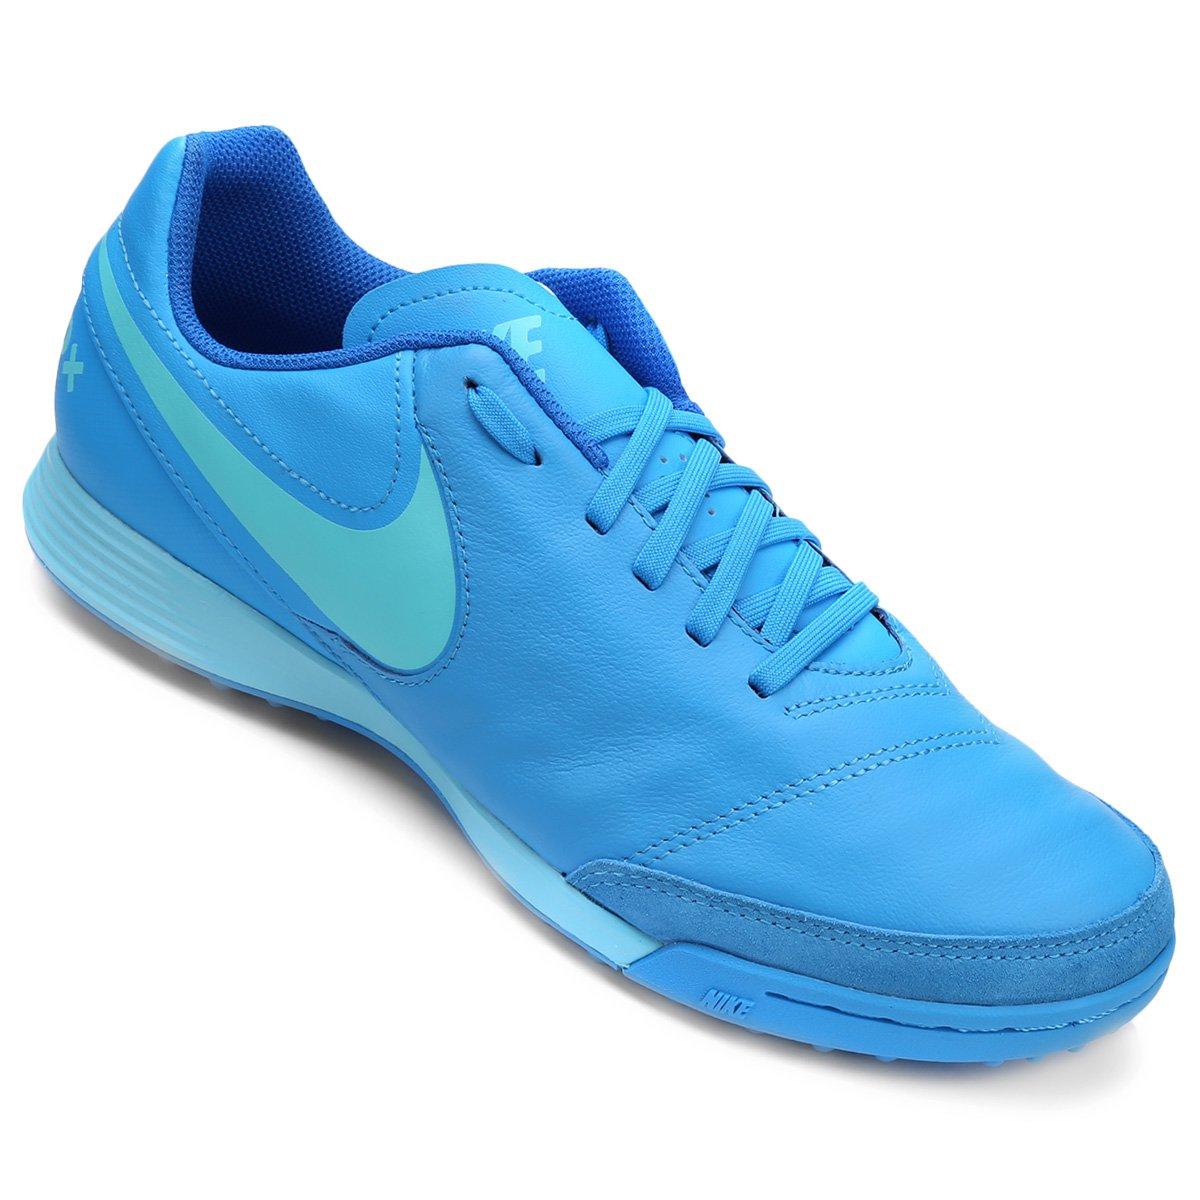 8c30250b65 Chuteira Society Nike Tiempo Genio 2 Leather TF - Compre Agora ...